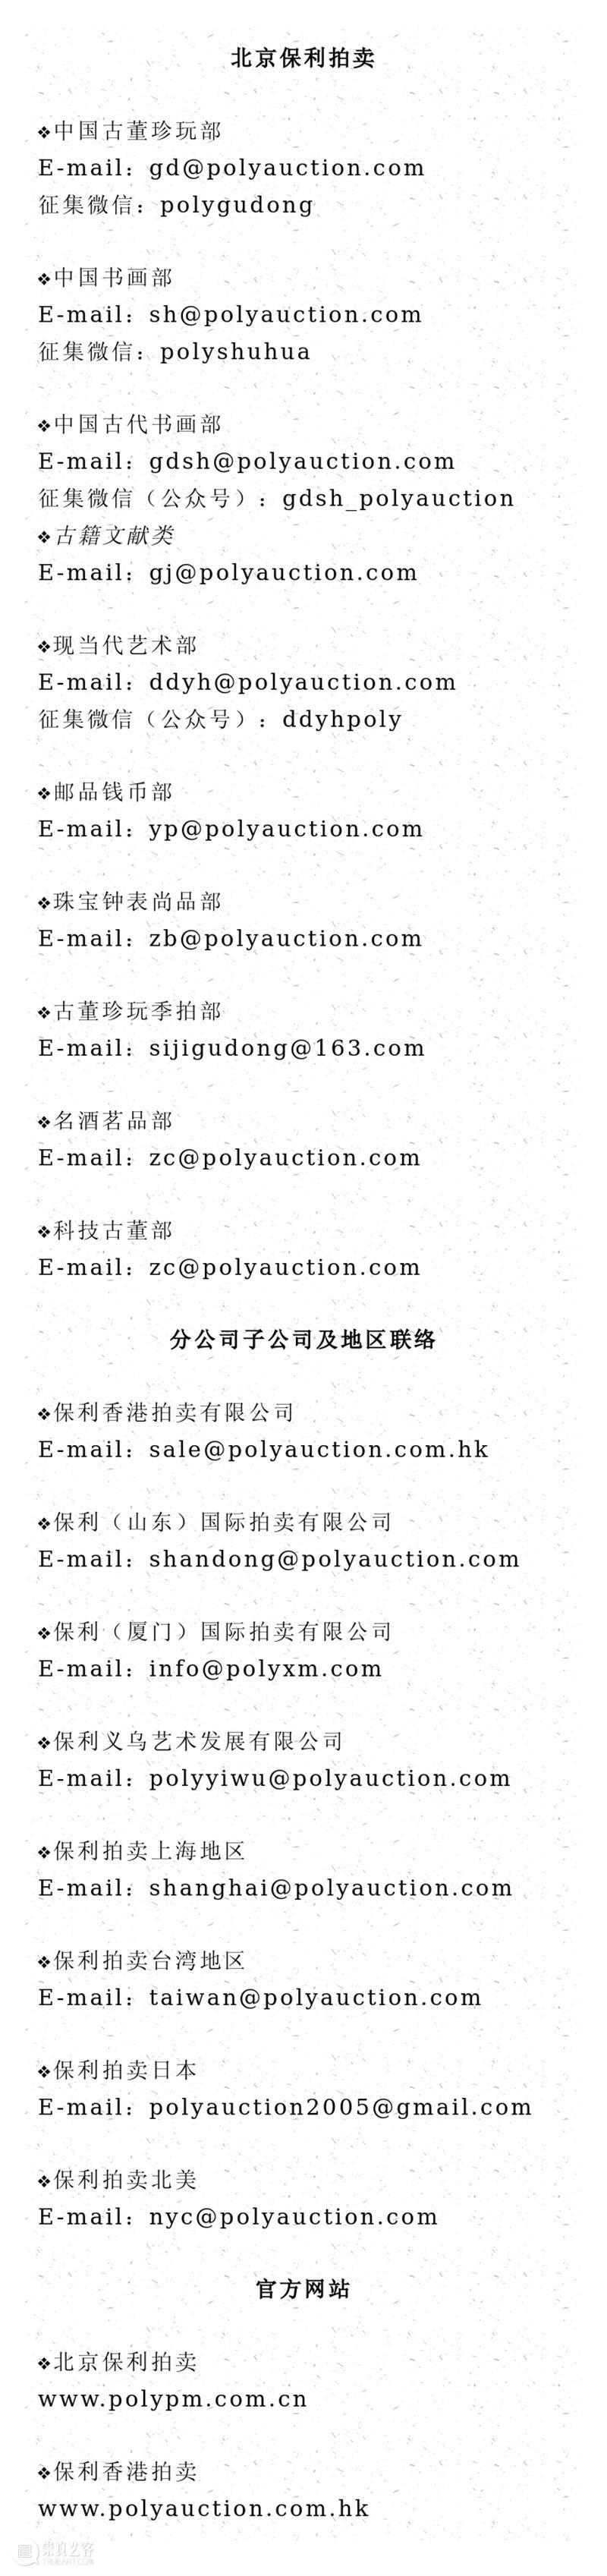 【保利拍卖】现当代艺术部网拍1月推出 艺术 保利拍卖 新年 假期 过后 北京保利拍卖 艺术部 网络 专场 拍品 崇真艺客